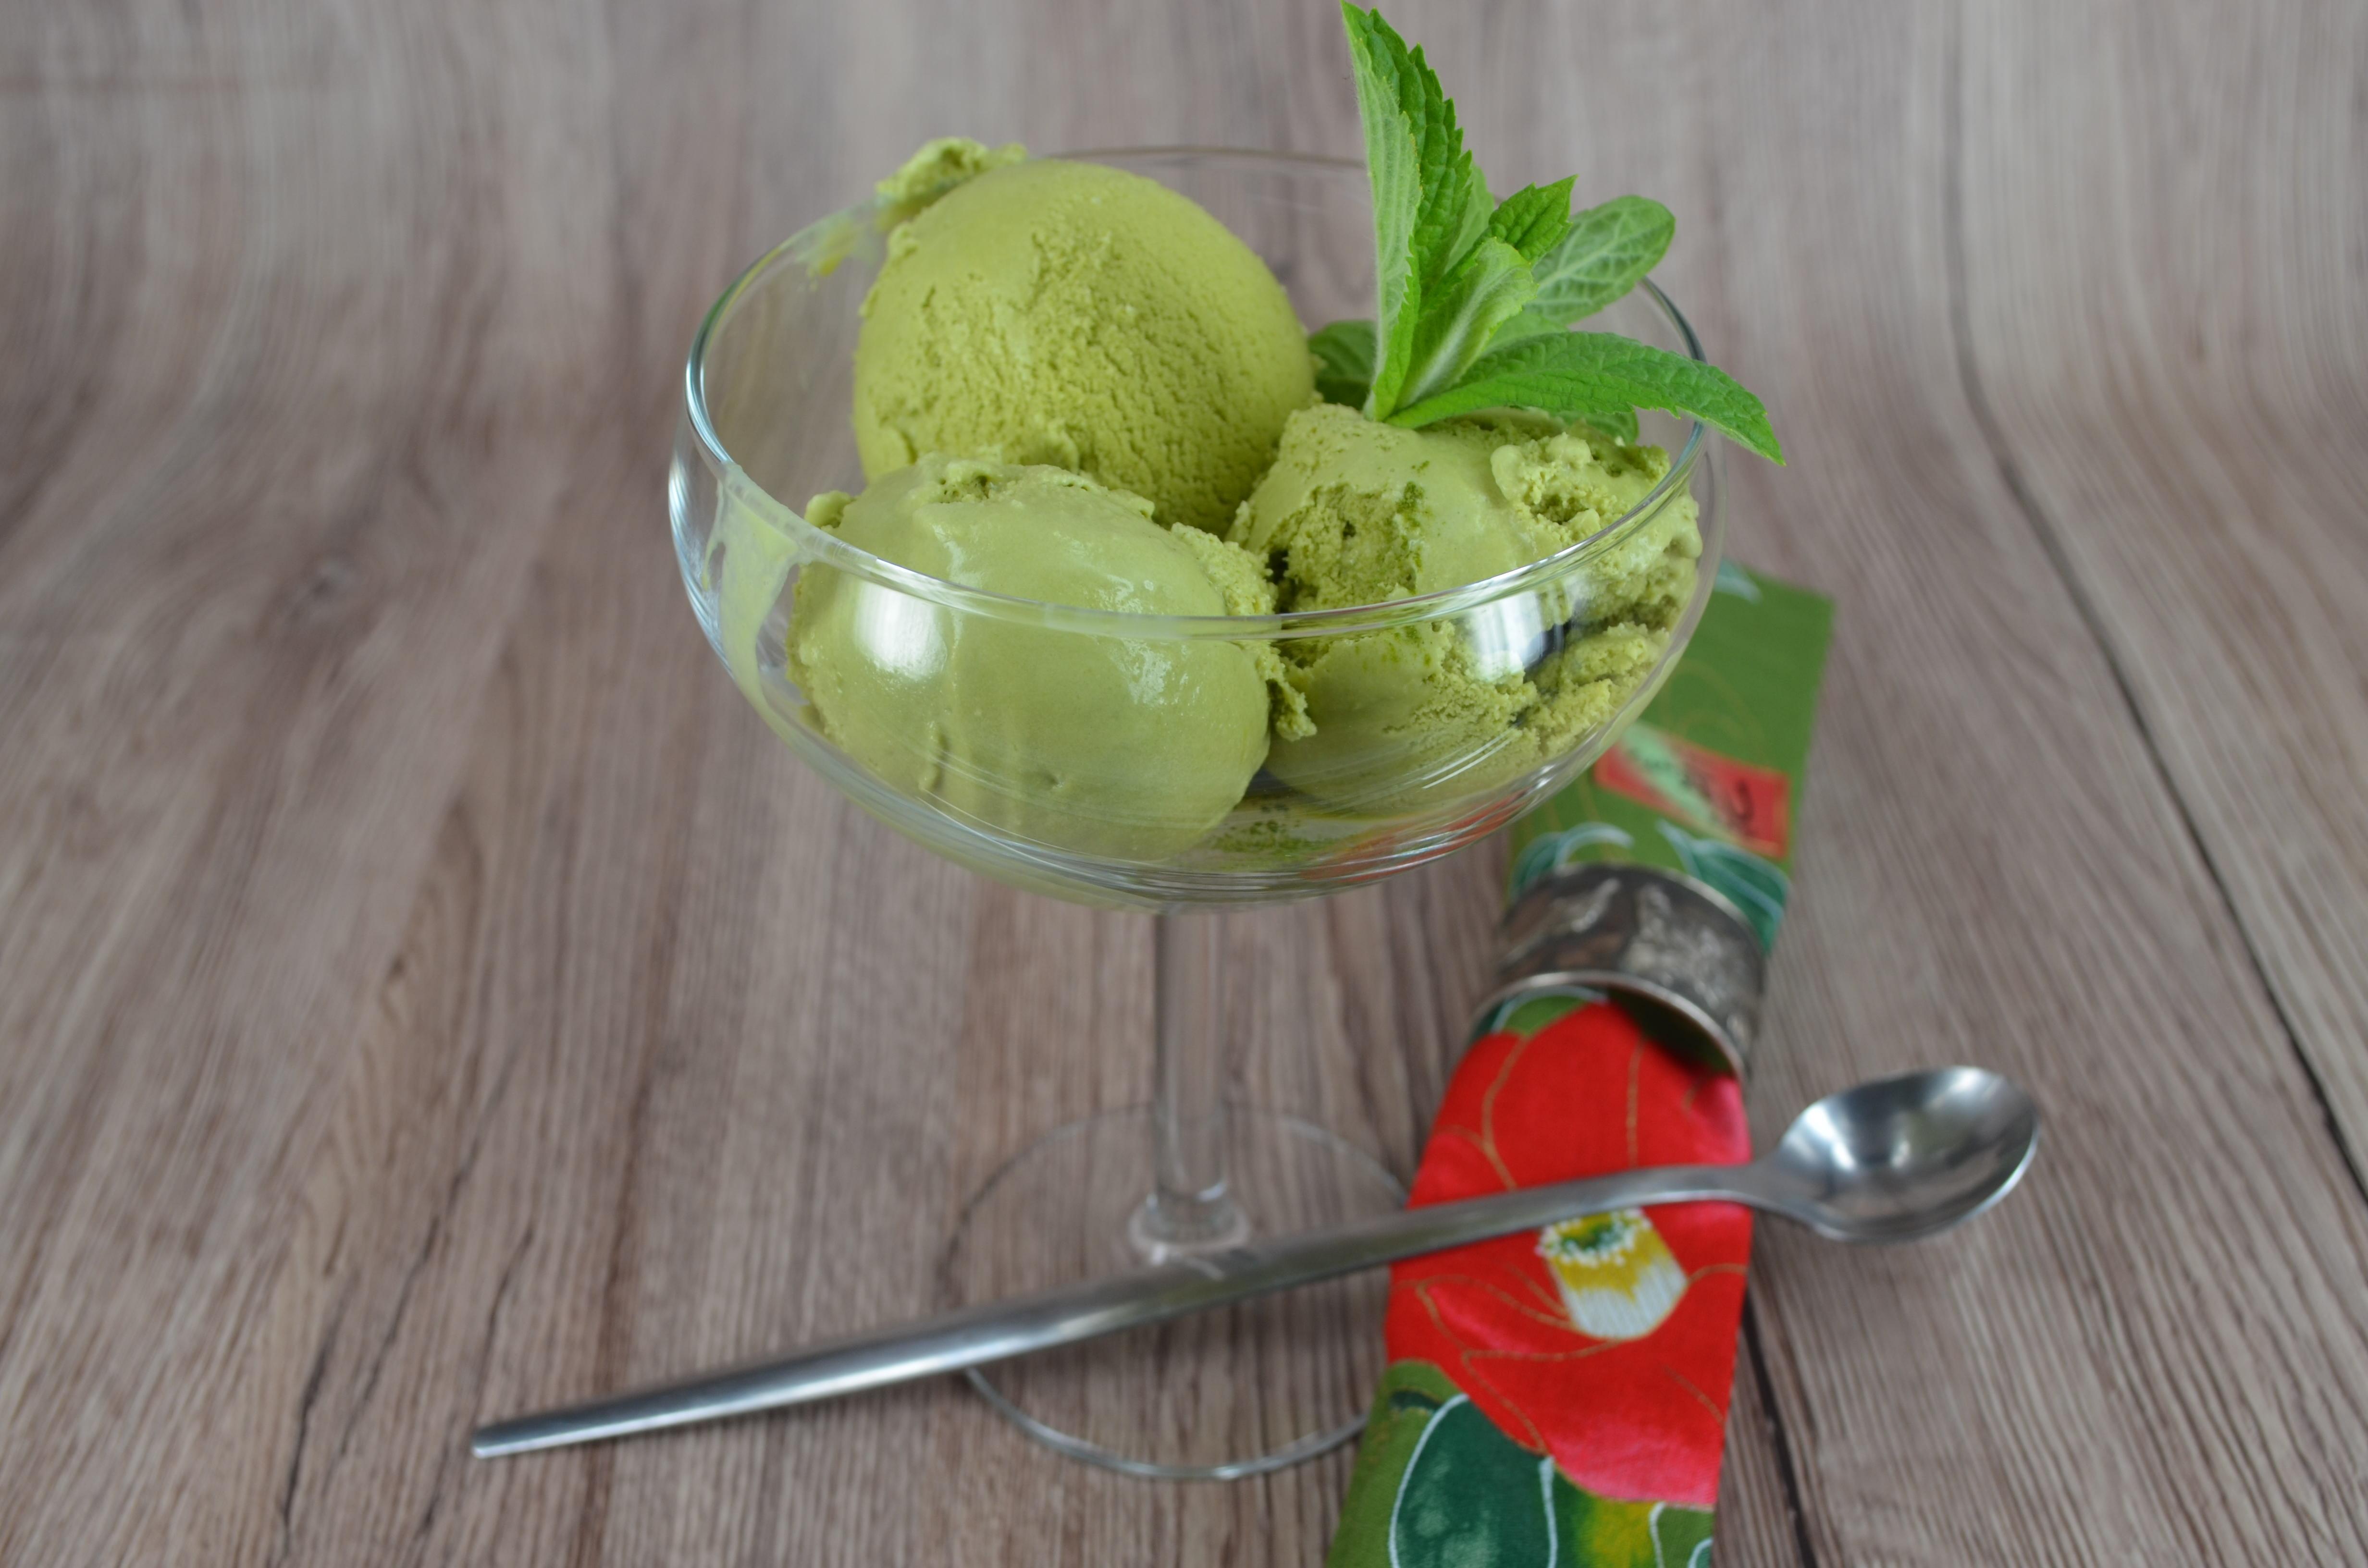 ciastka i lody z zieloną herbatą 058